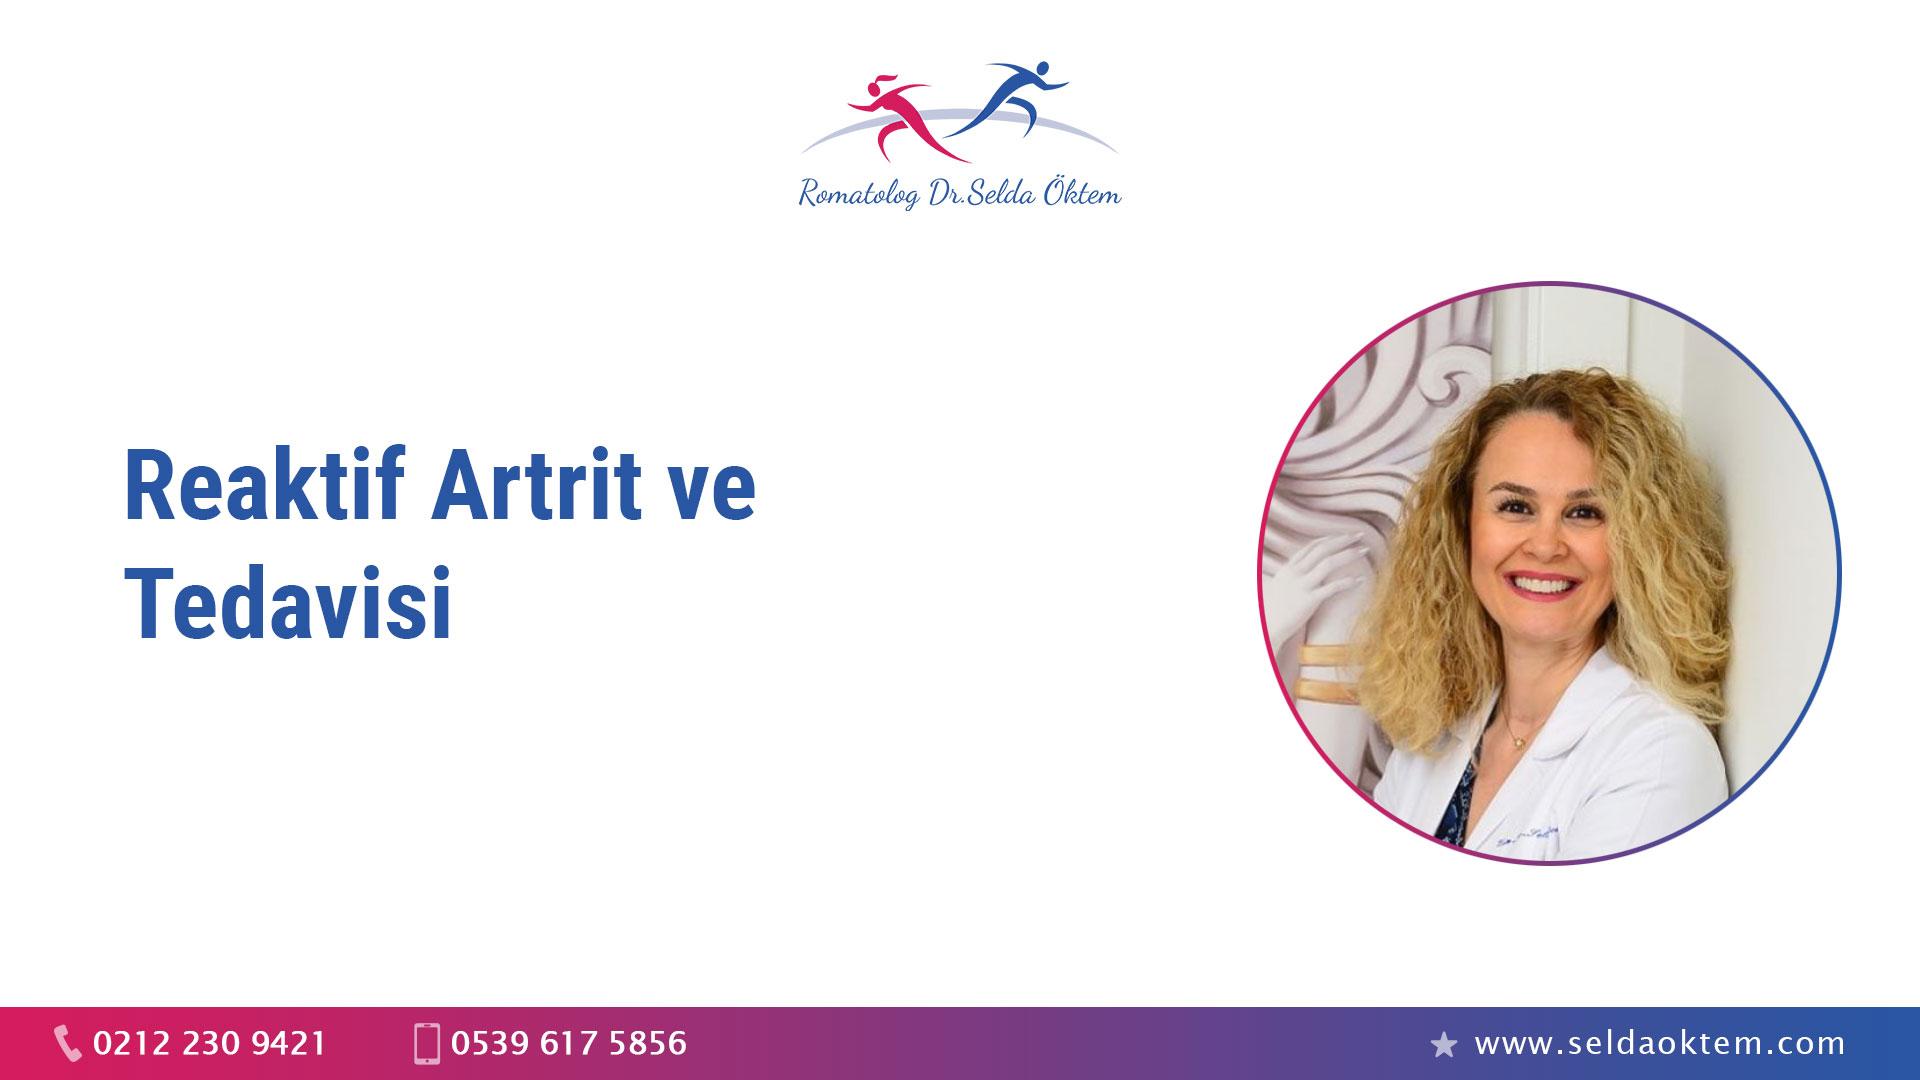 Reaktif Artrit ve Tedavisi